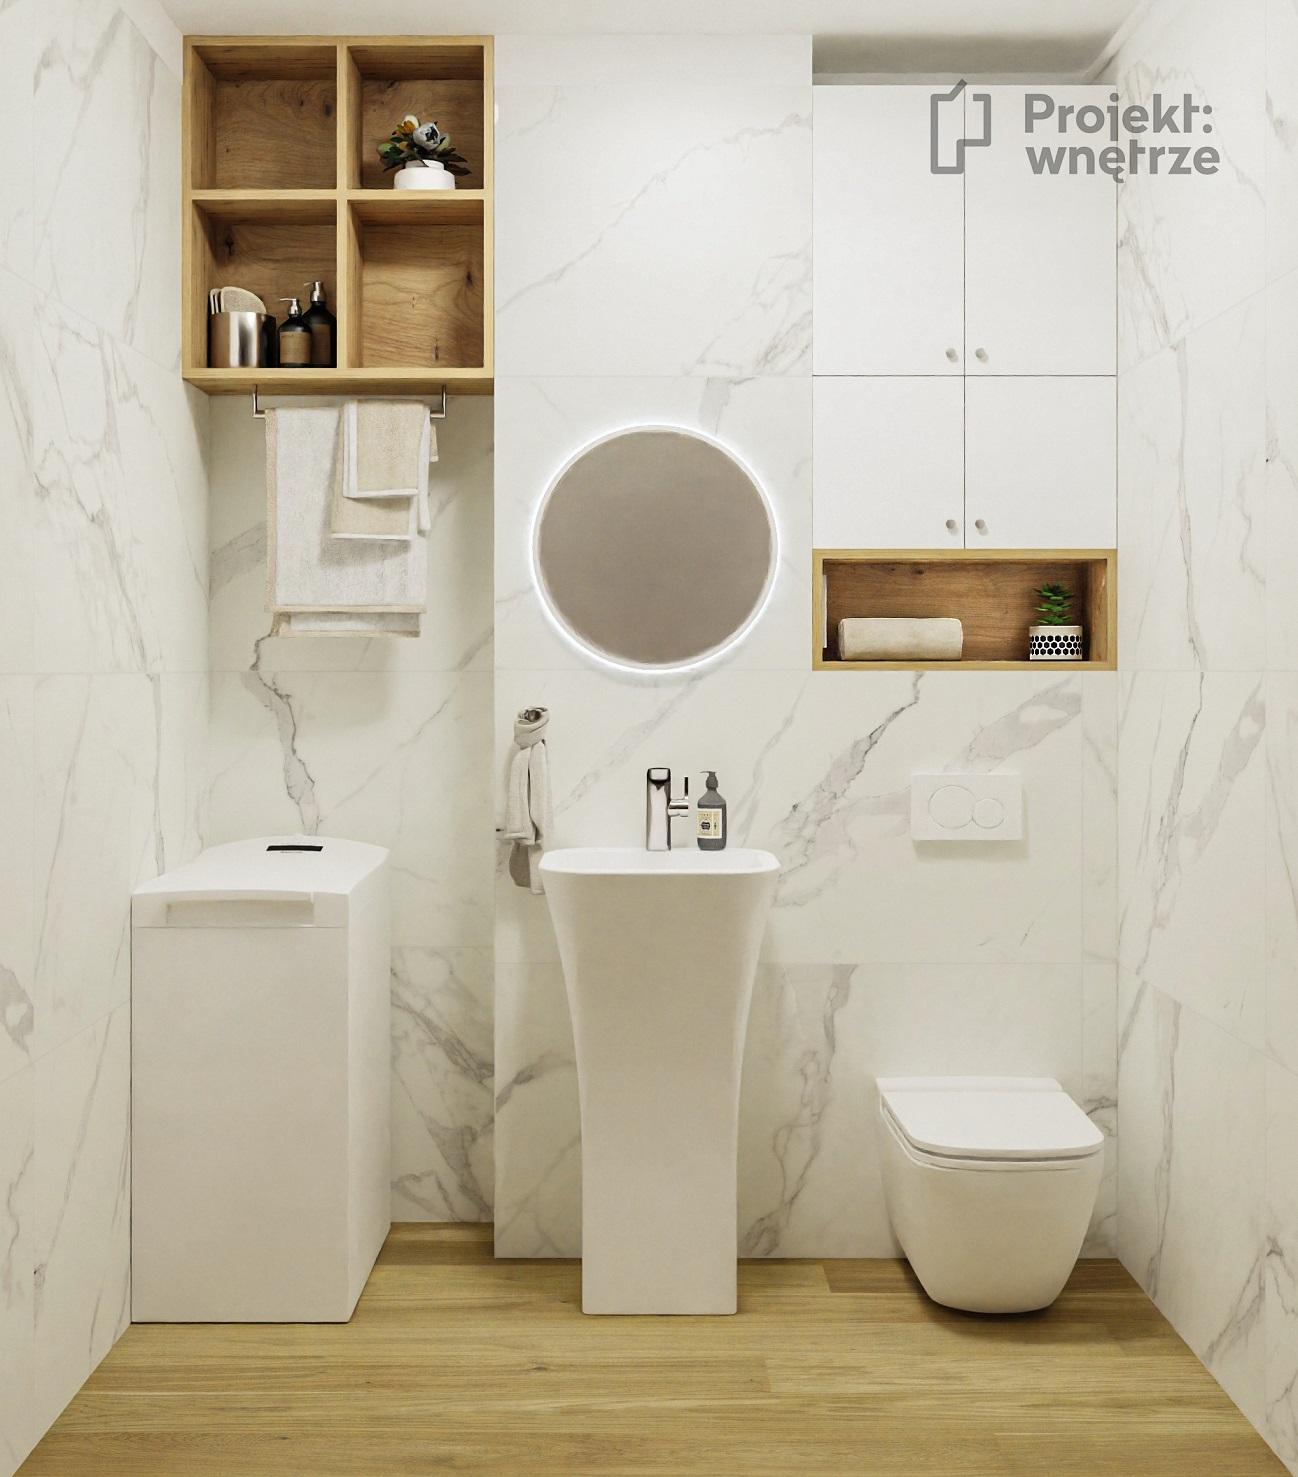 Mała łazienka marmur calcatta Tubądzin Pietrasanta drewno umywalka REA WC Koło- Projekt wnętrze projekt małego mieszkania - projektowanie wnętrz warszawa online - www.projektwnetrze.com.pl